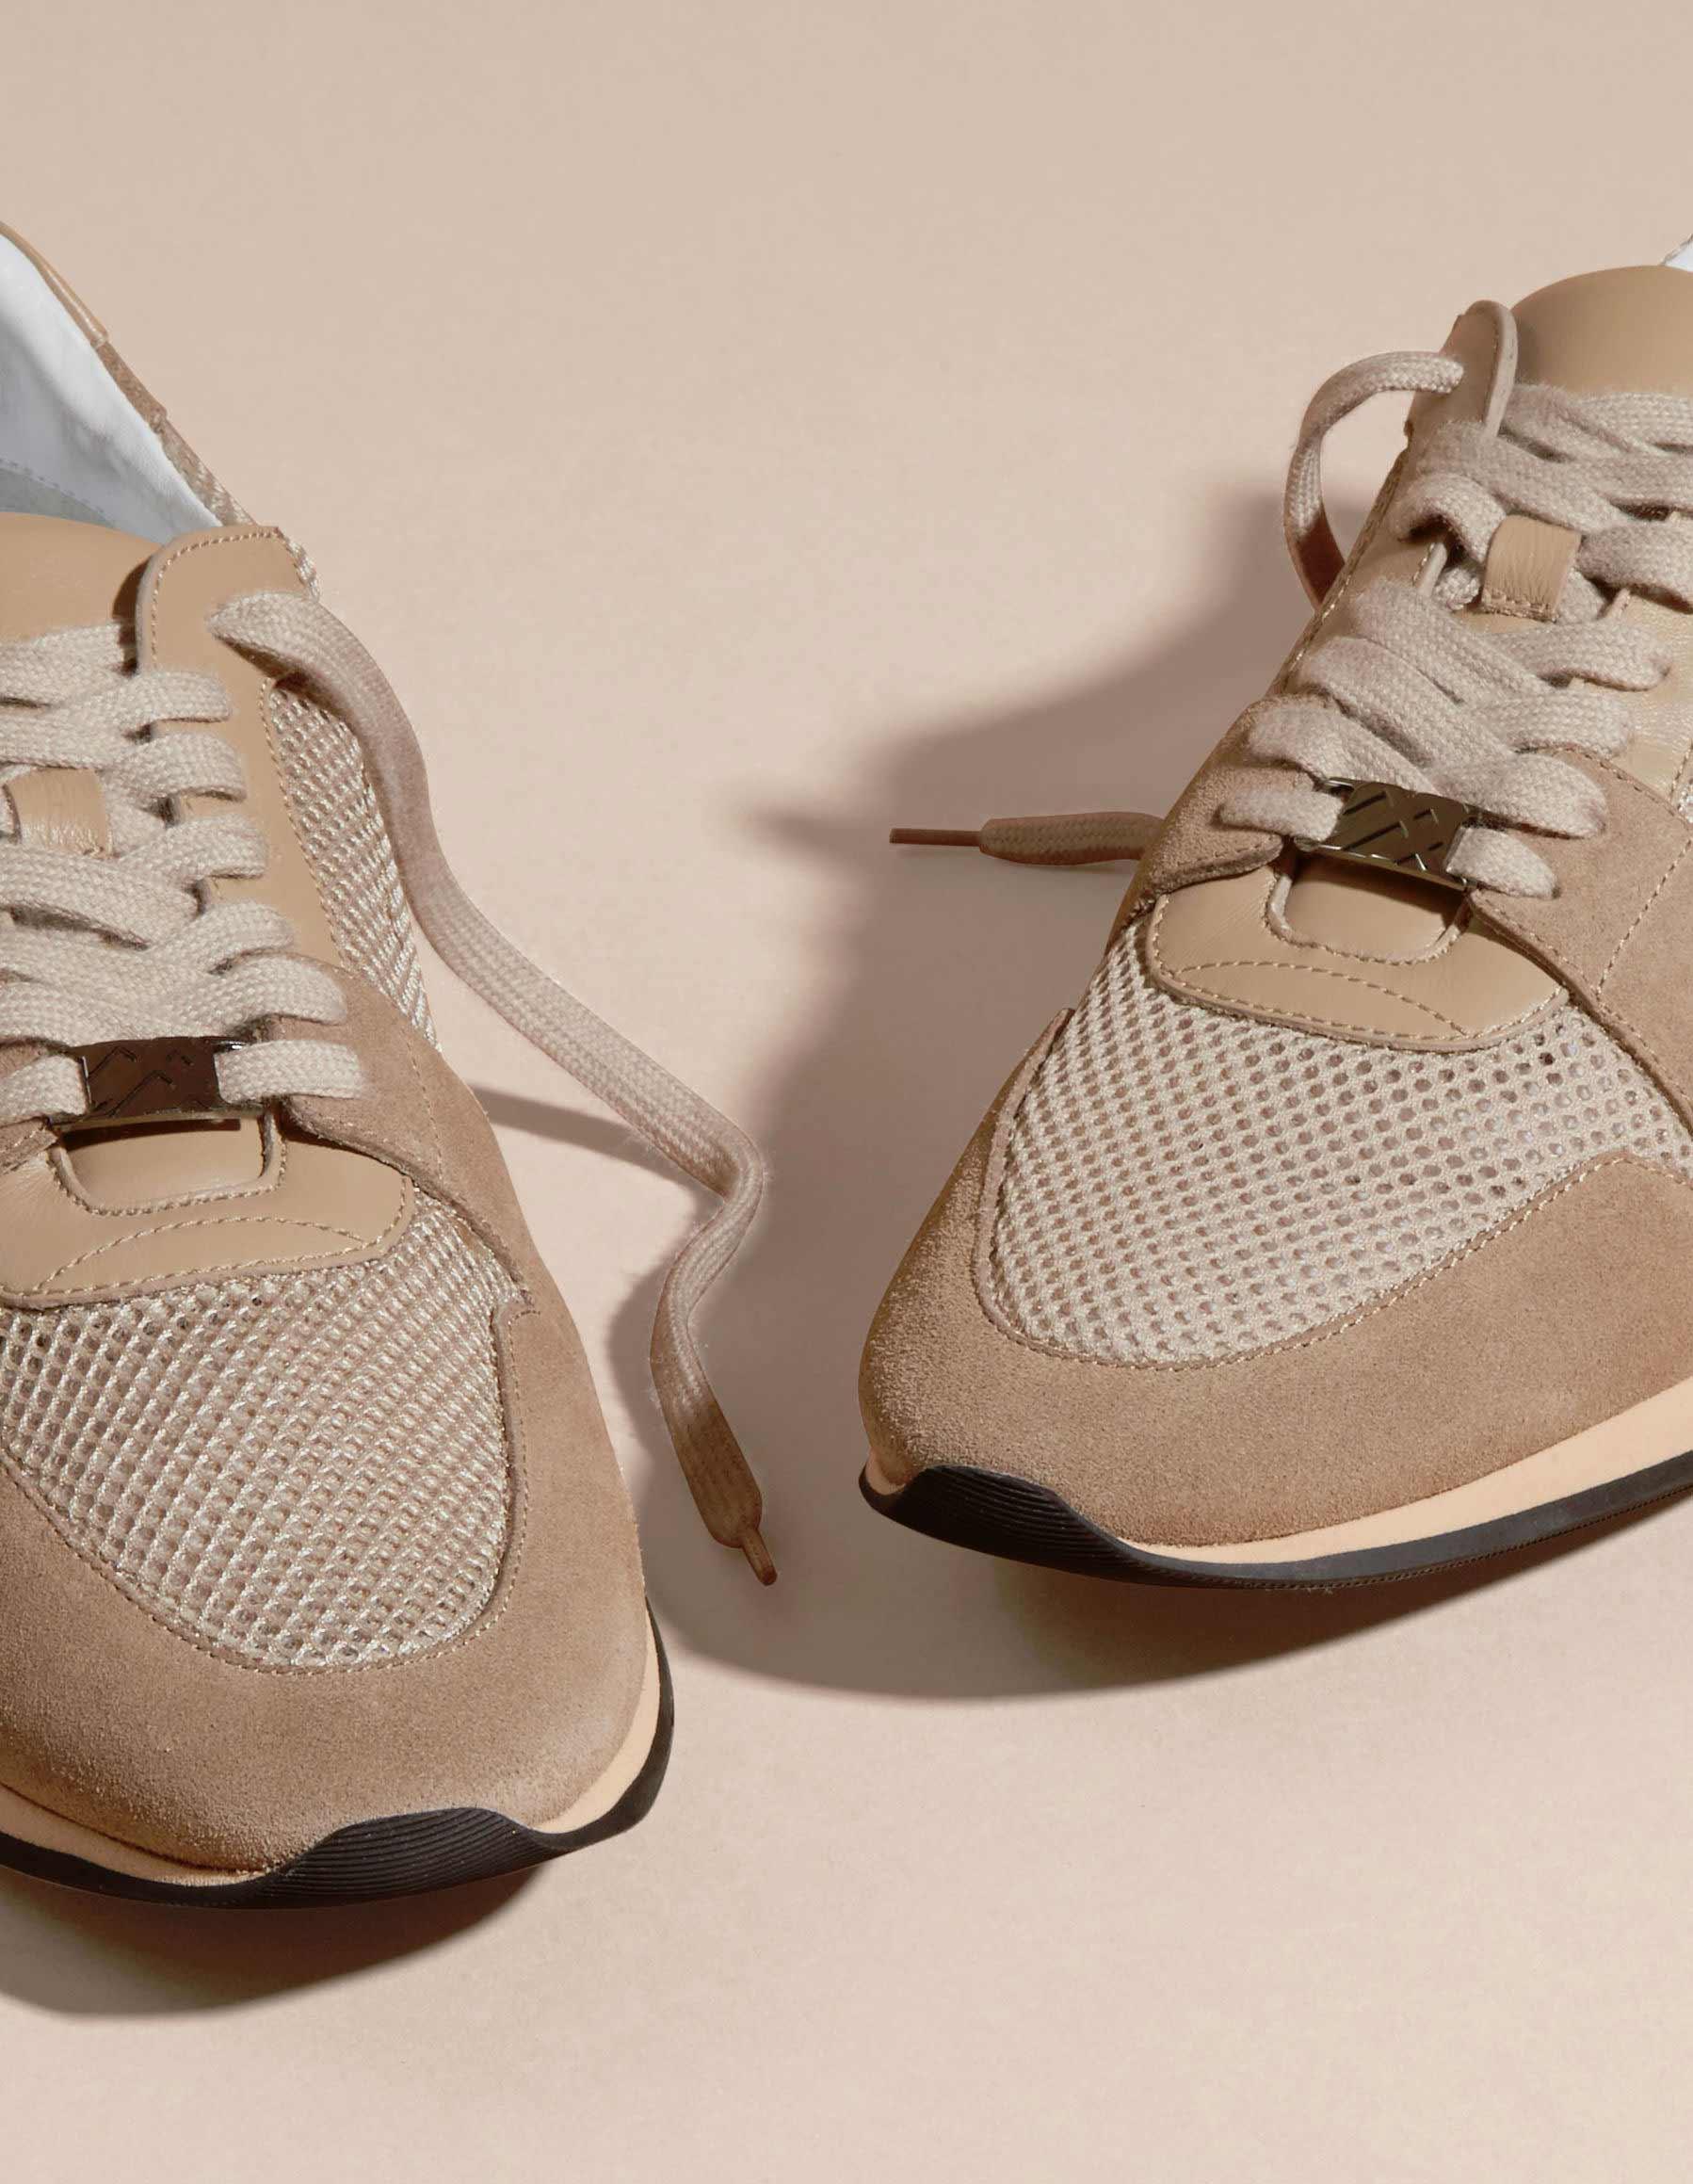 burberry-the-field-sneaker3